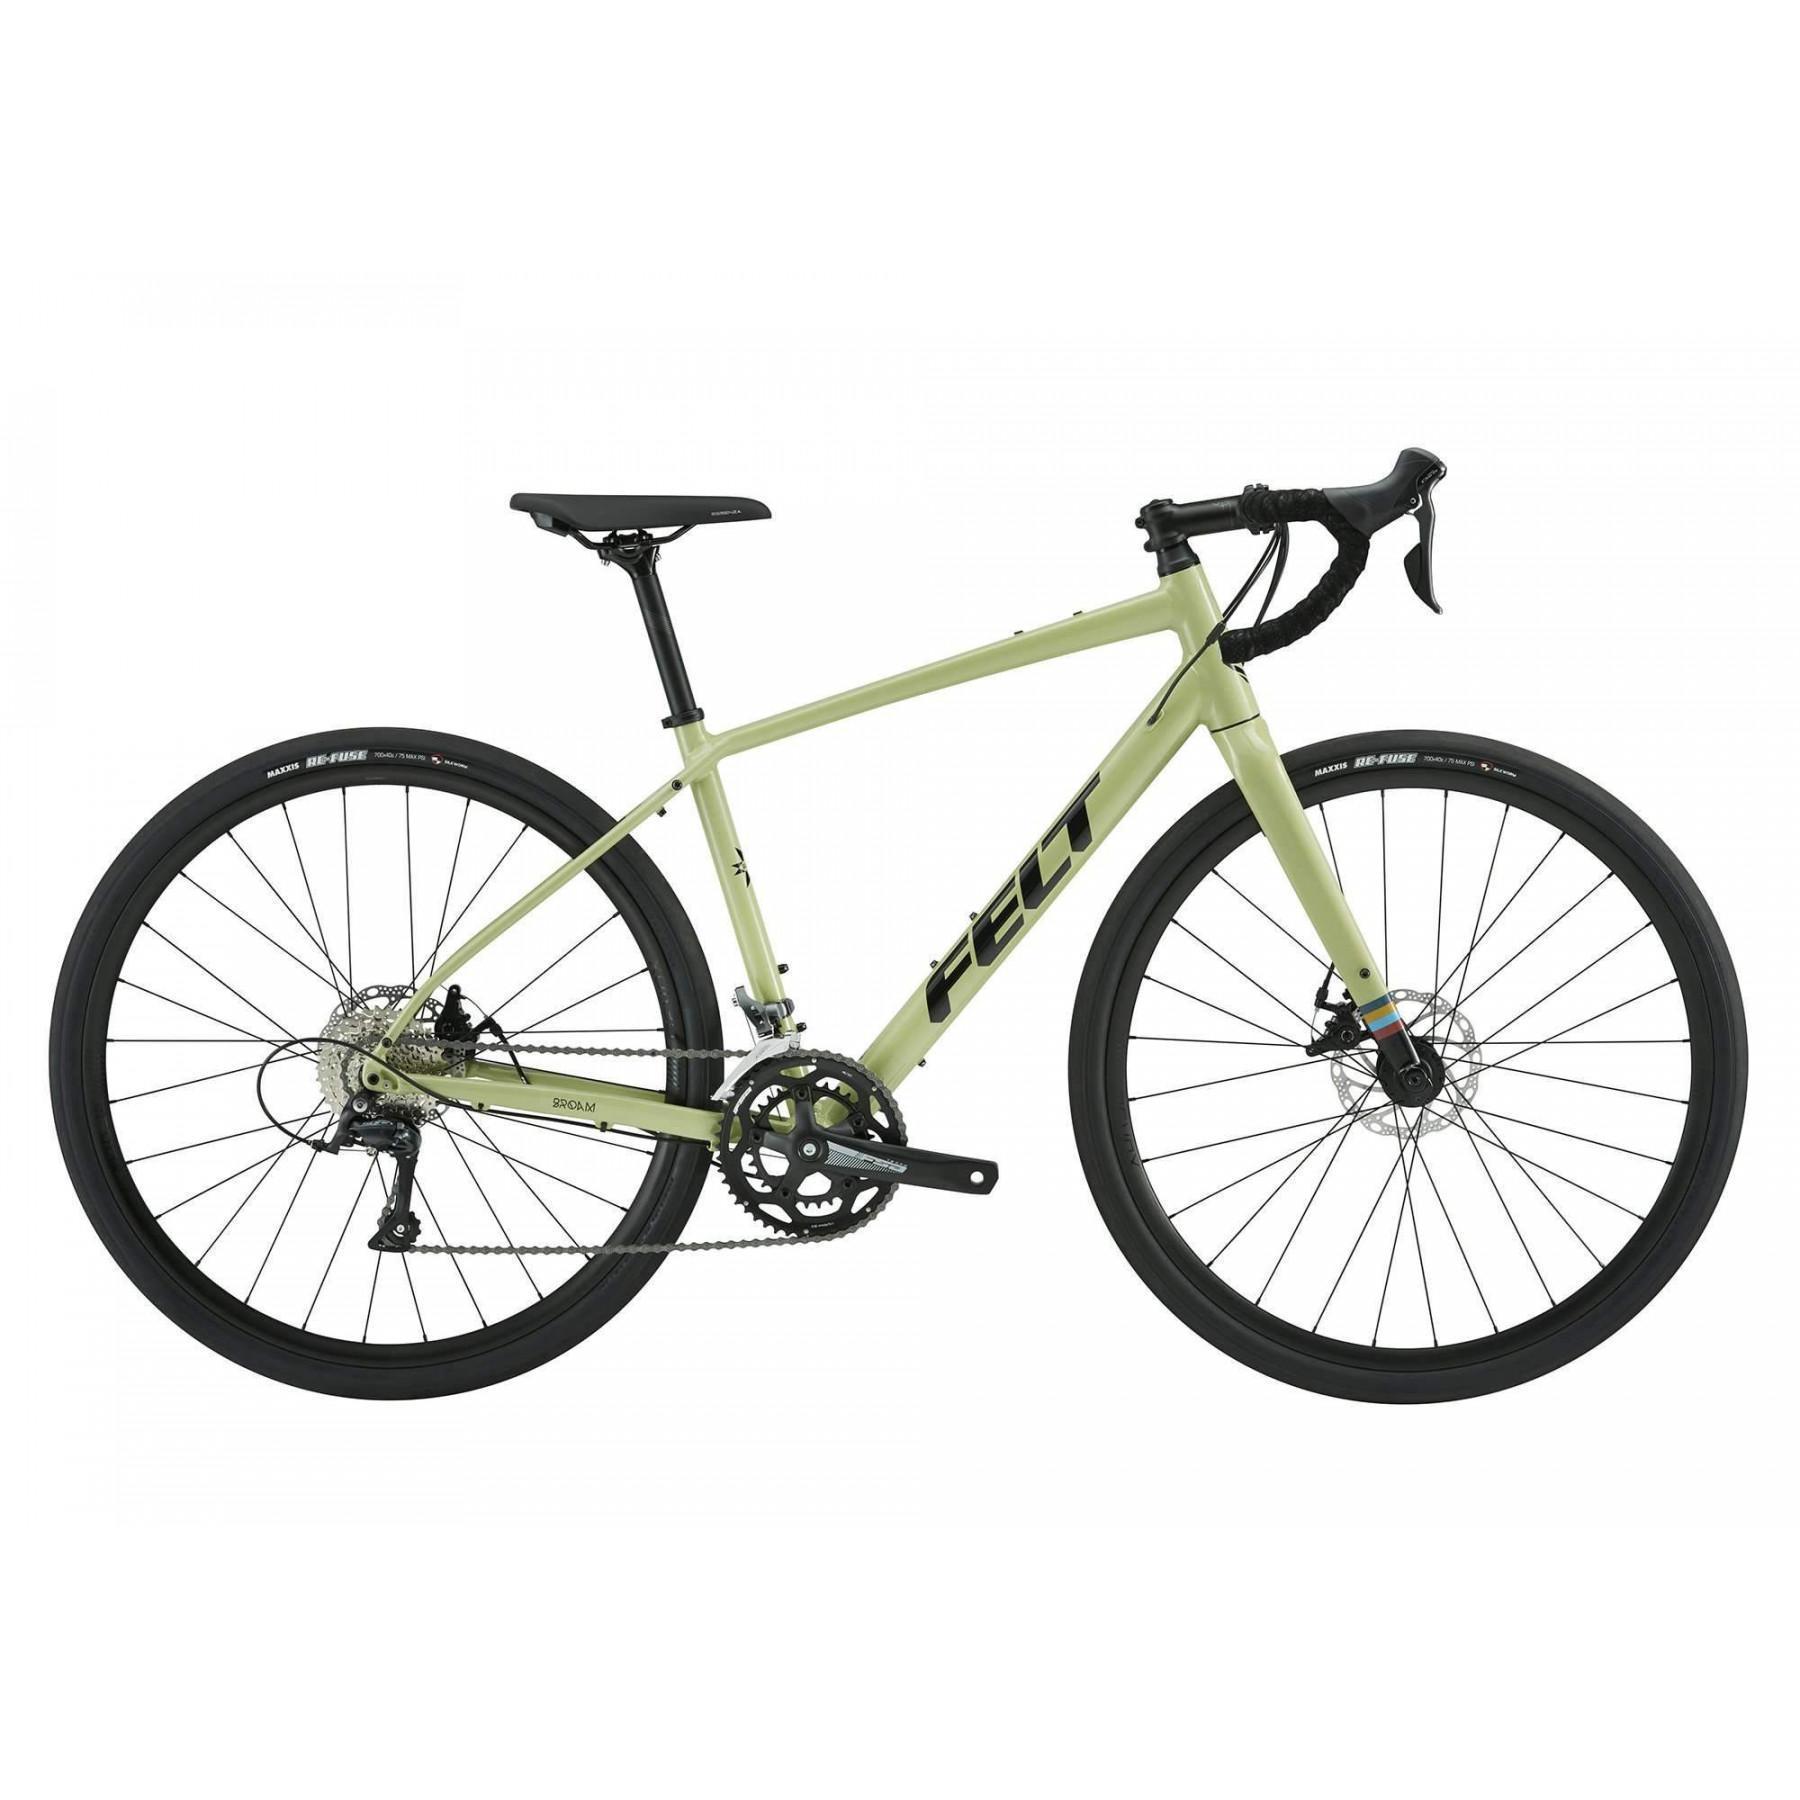 Fahrrad Felt Broam 40 Sage Mist